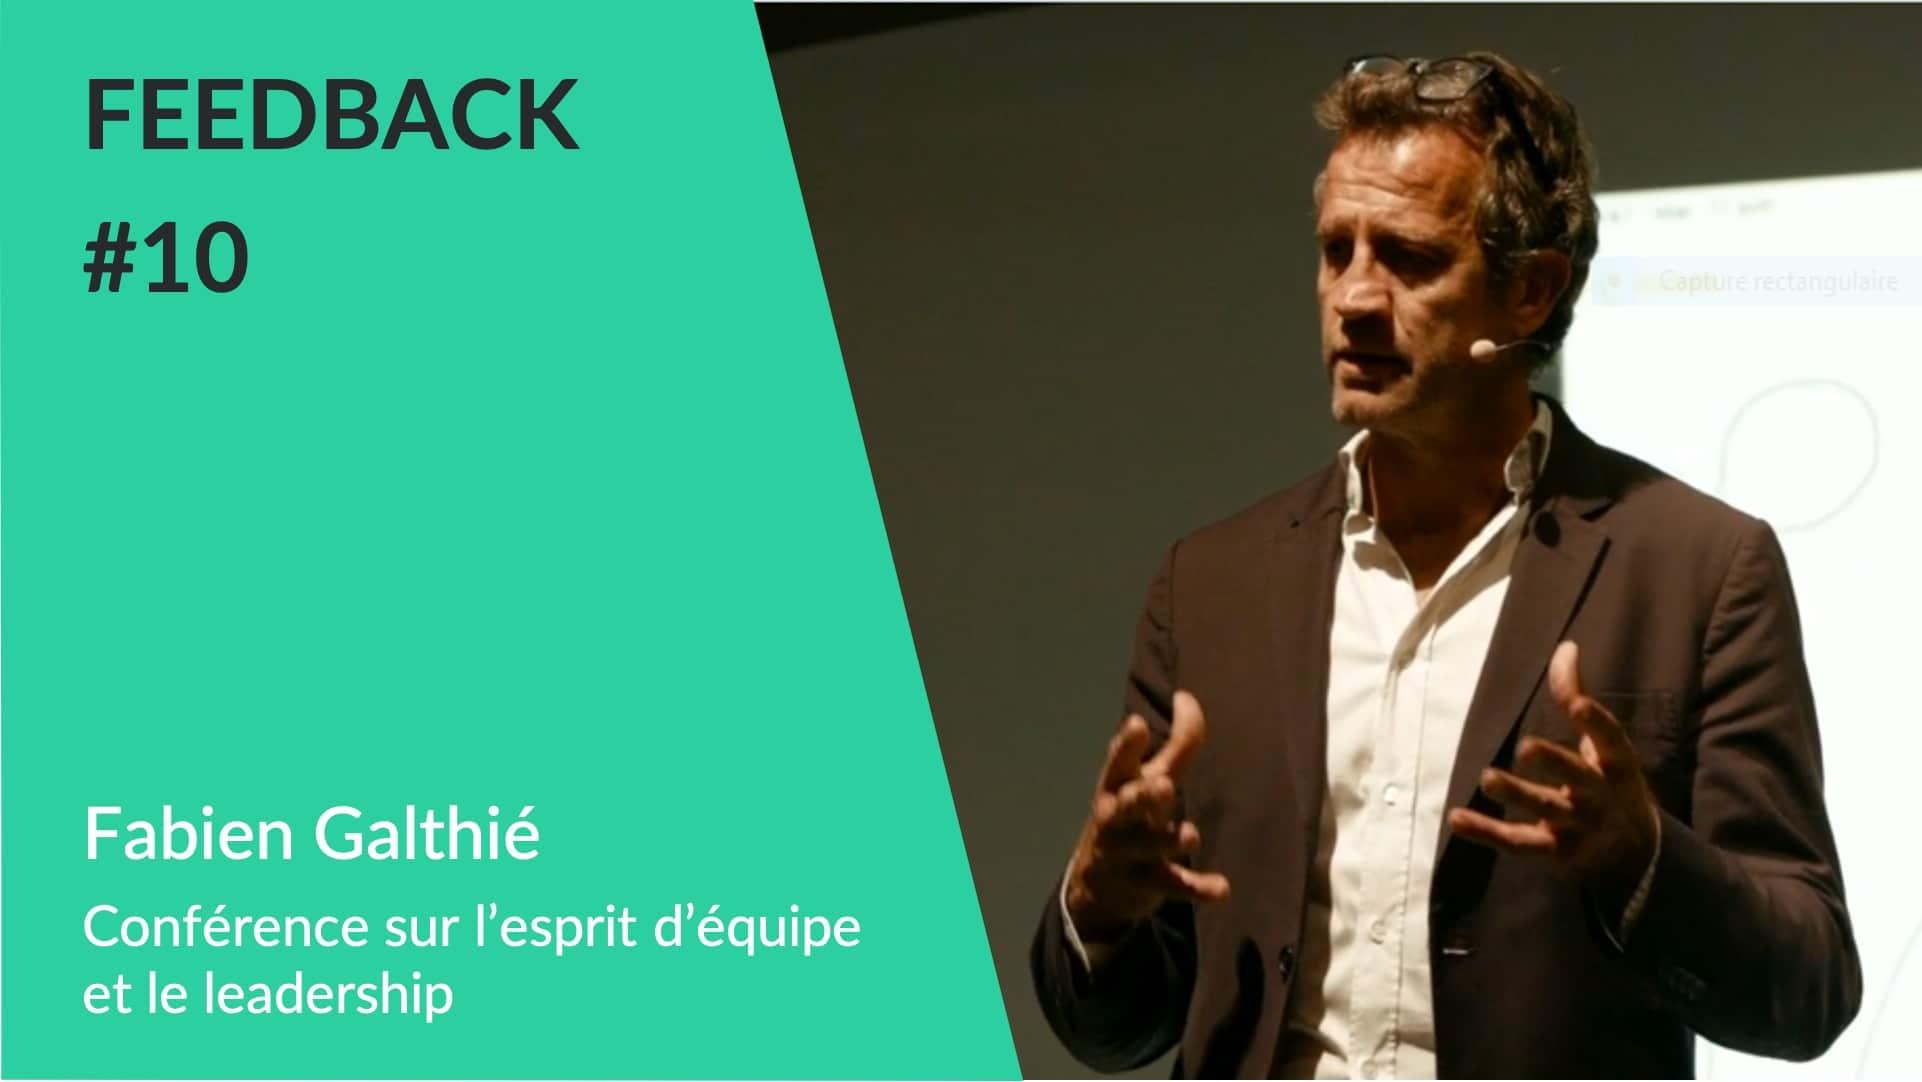 Feedback - Conférence Fabien Galthié esprit d'équipe et leadership